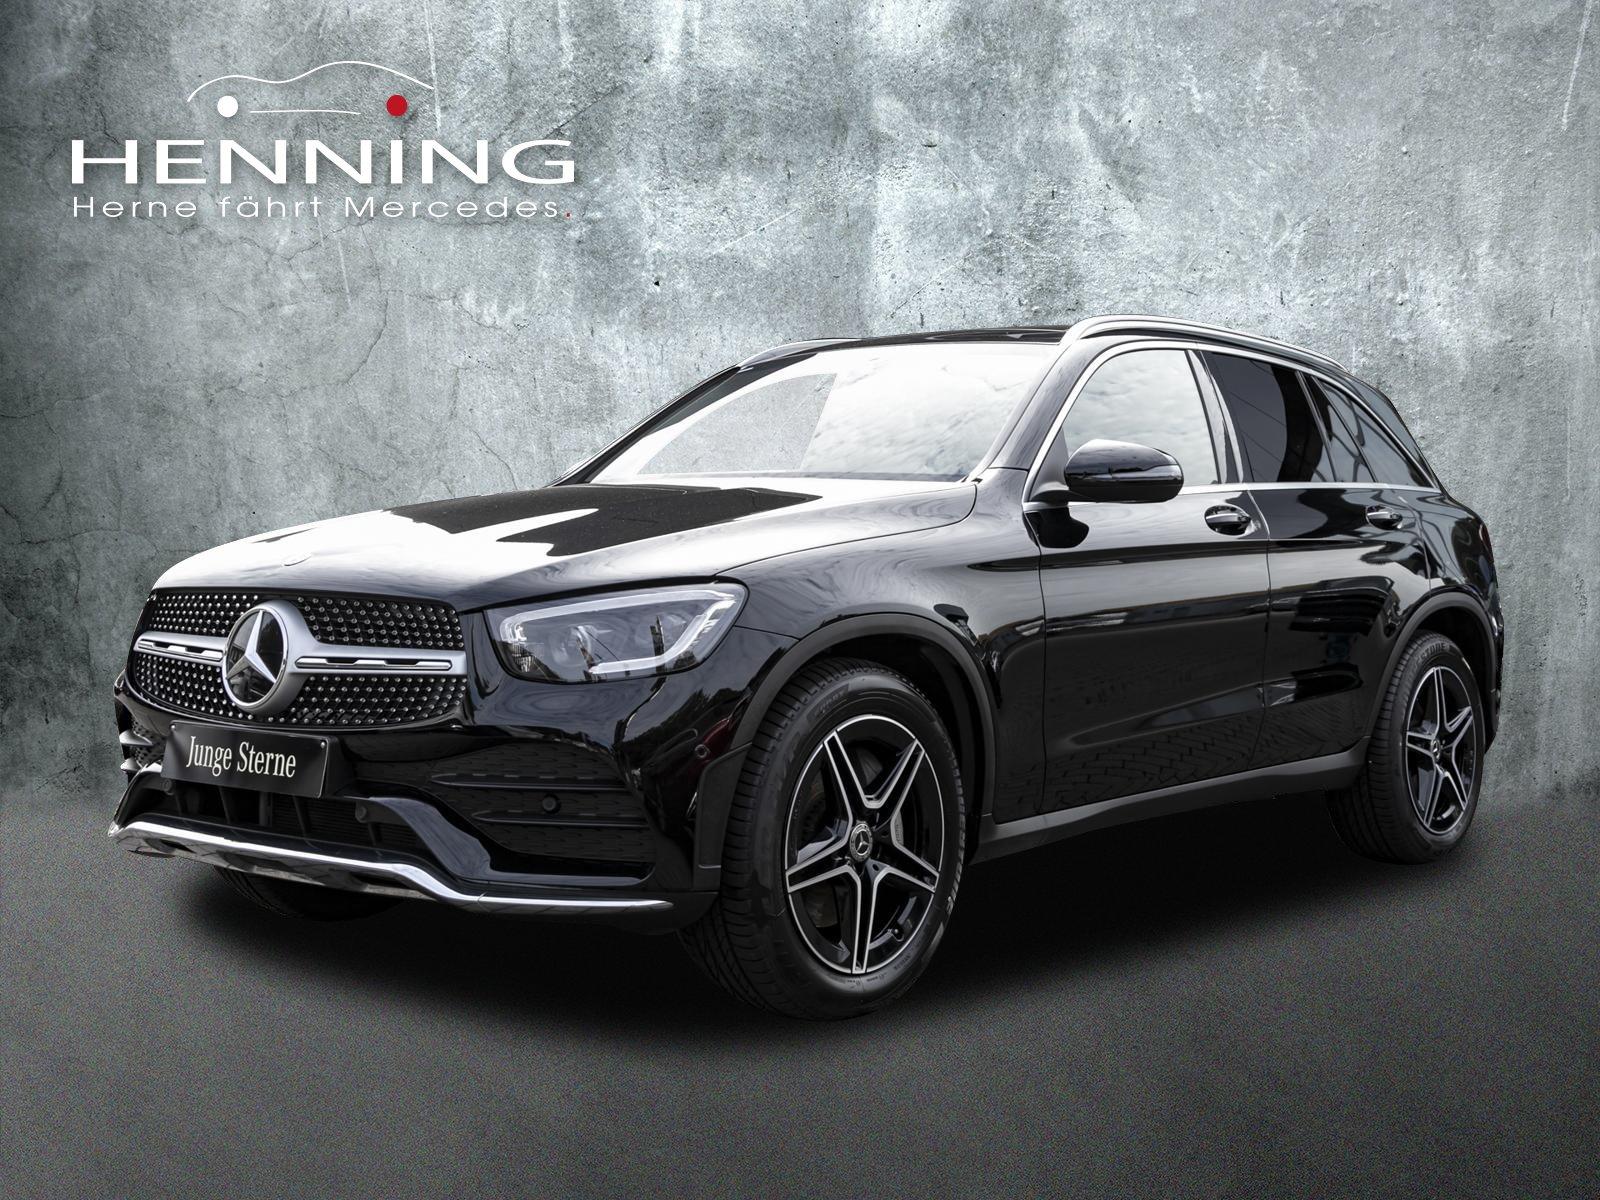 Mercedes-Benz GLC 220 d AMG 4M 9G Pano Multib. Distr. Ambiente, Jahr 2020, Diesel